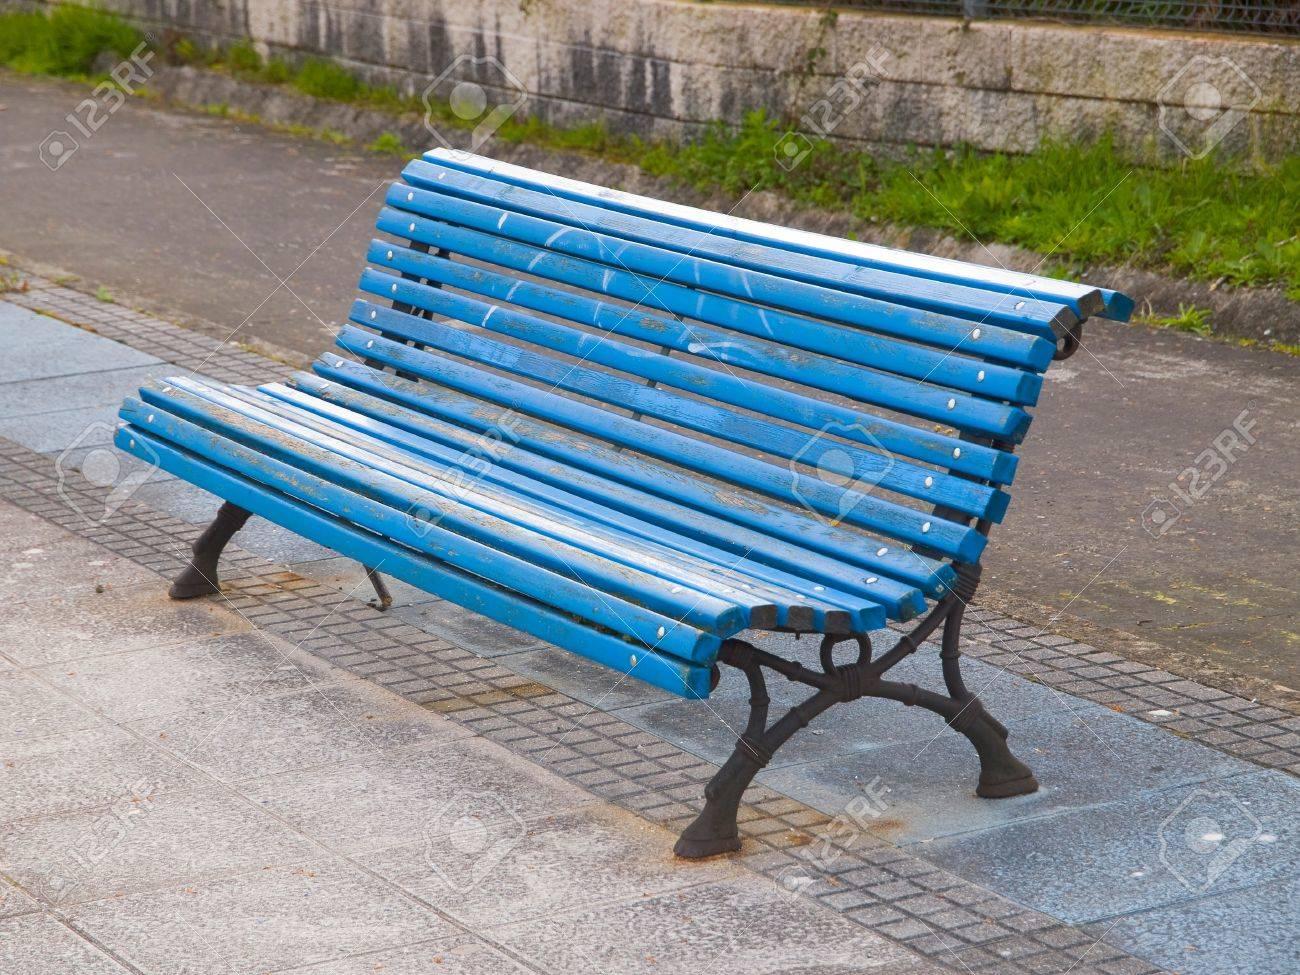 Imagenes De Bancos Para Sentarse Beautiful El De Madrid Convoca  ~ Imagenes De Bancos Para Sentarse